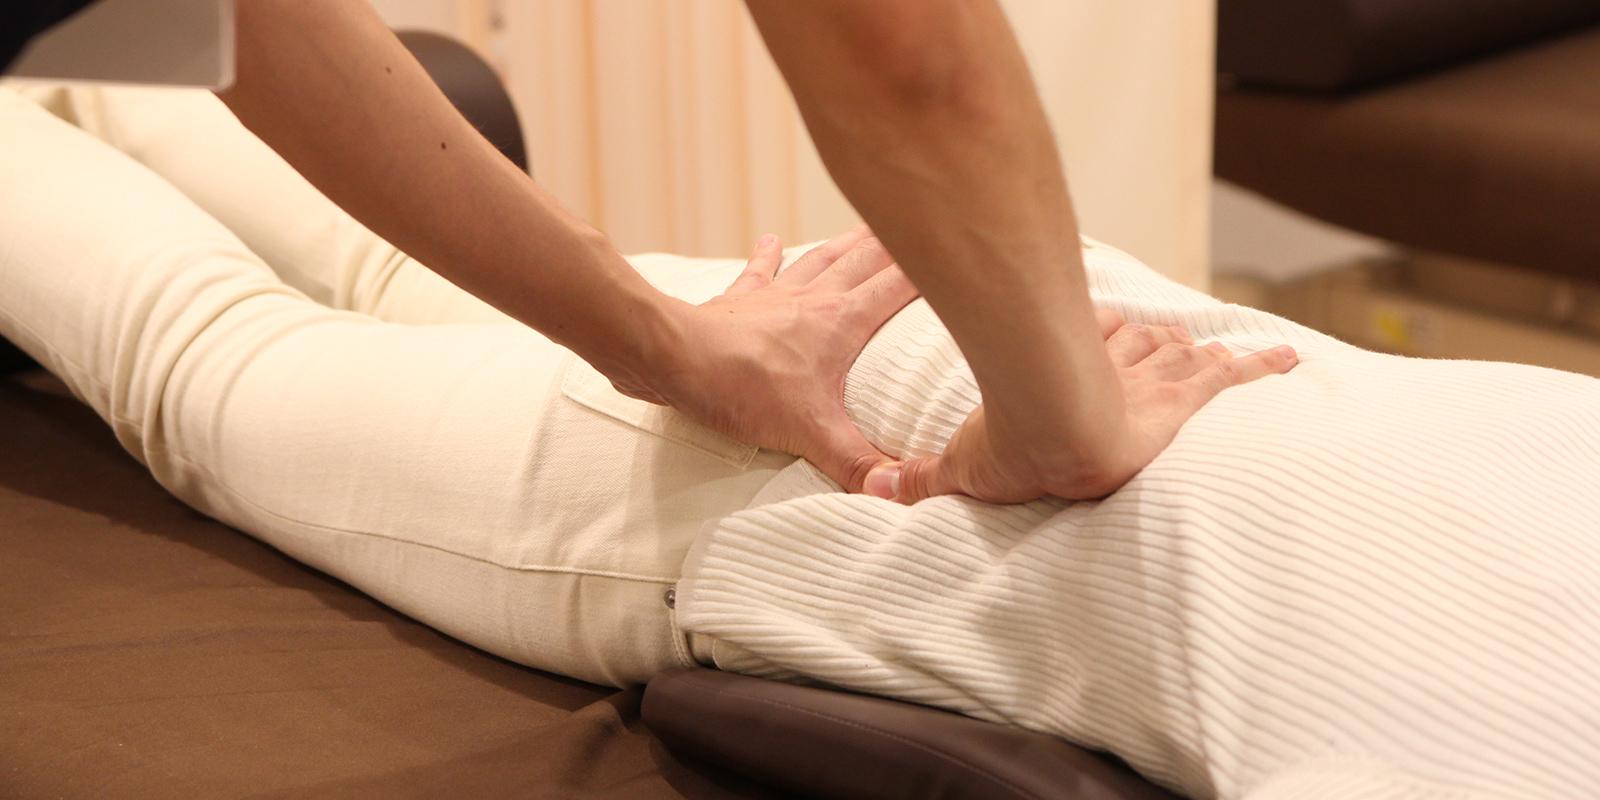 神経痛 治療 坐骨